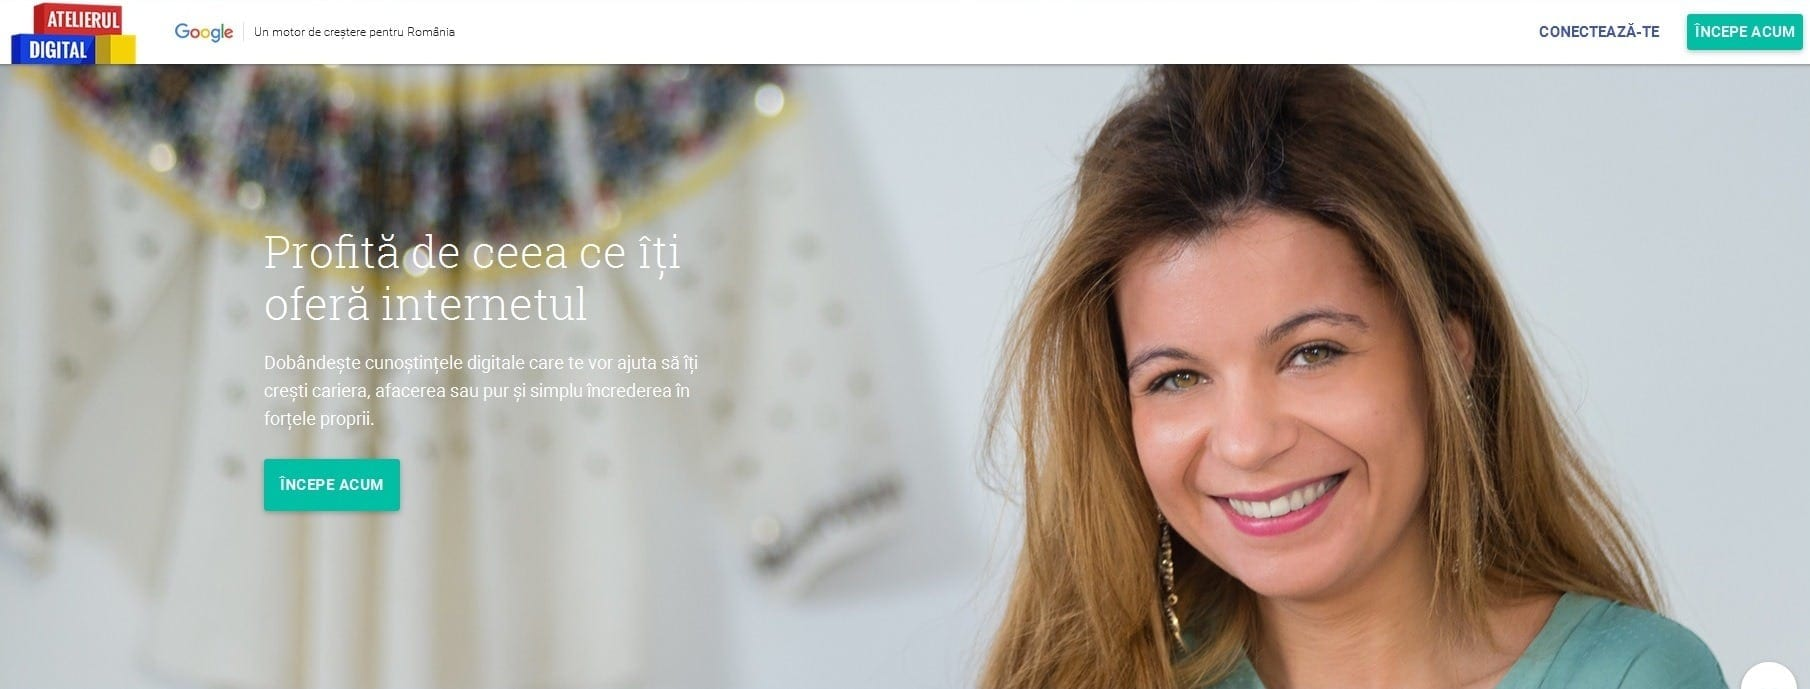 Google prezintă Atelierul Digital, o platformă gratuită dedicată studenților și antreprenorilor din România